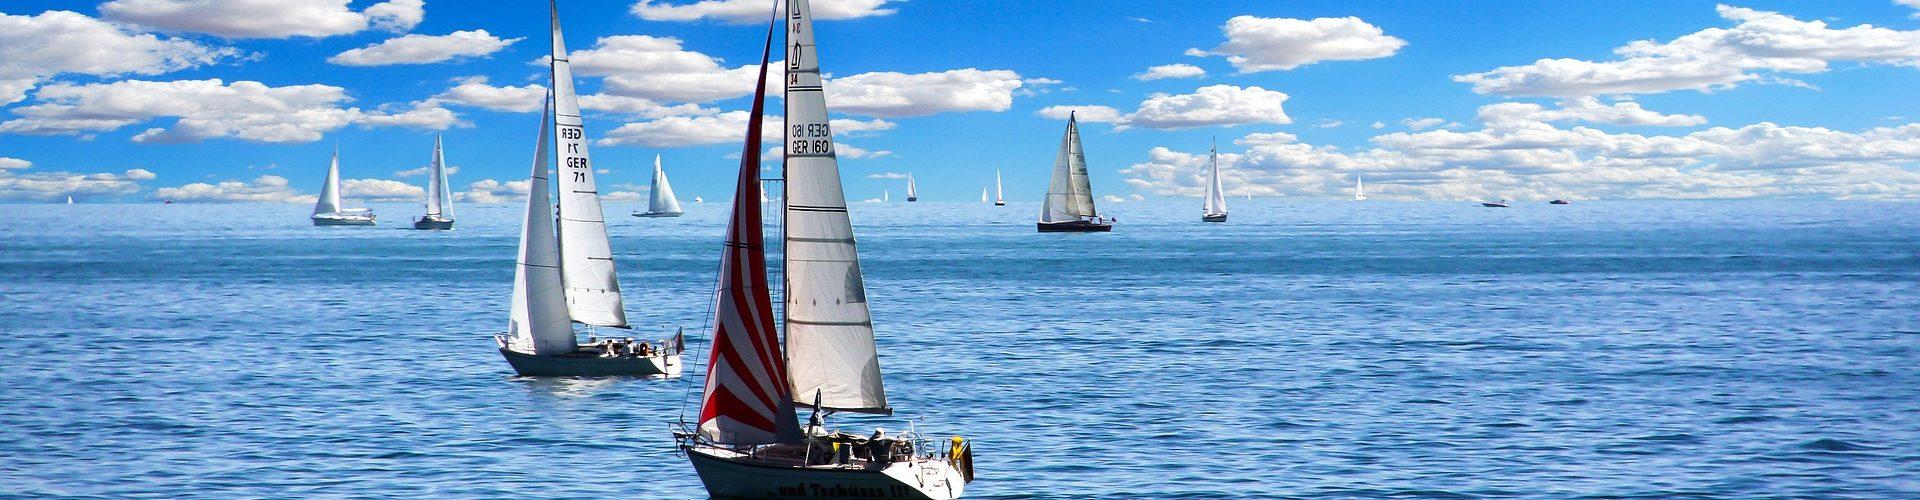 segeln lernen in Söhlde segelschein machen in Söhlde 1920x500 - Segeln lernen in Söhlde